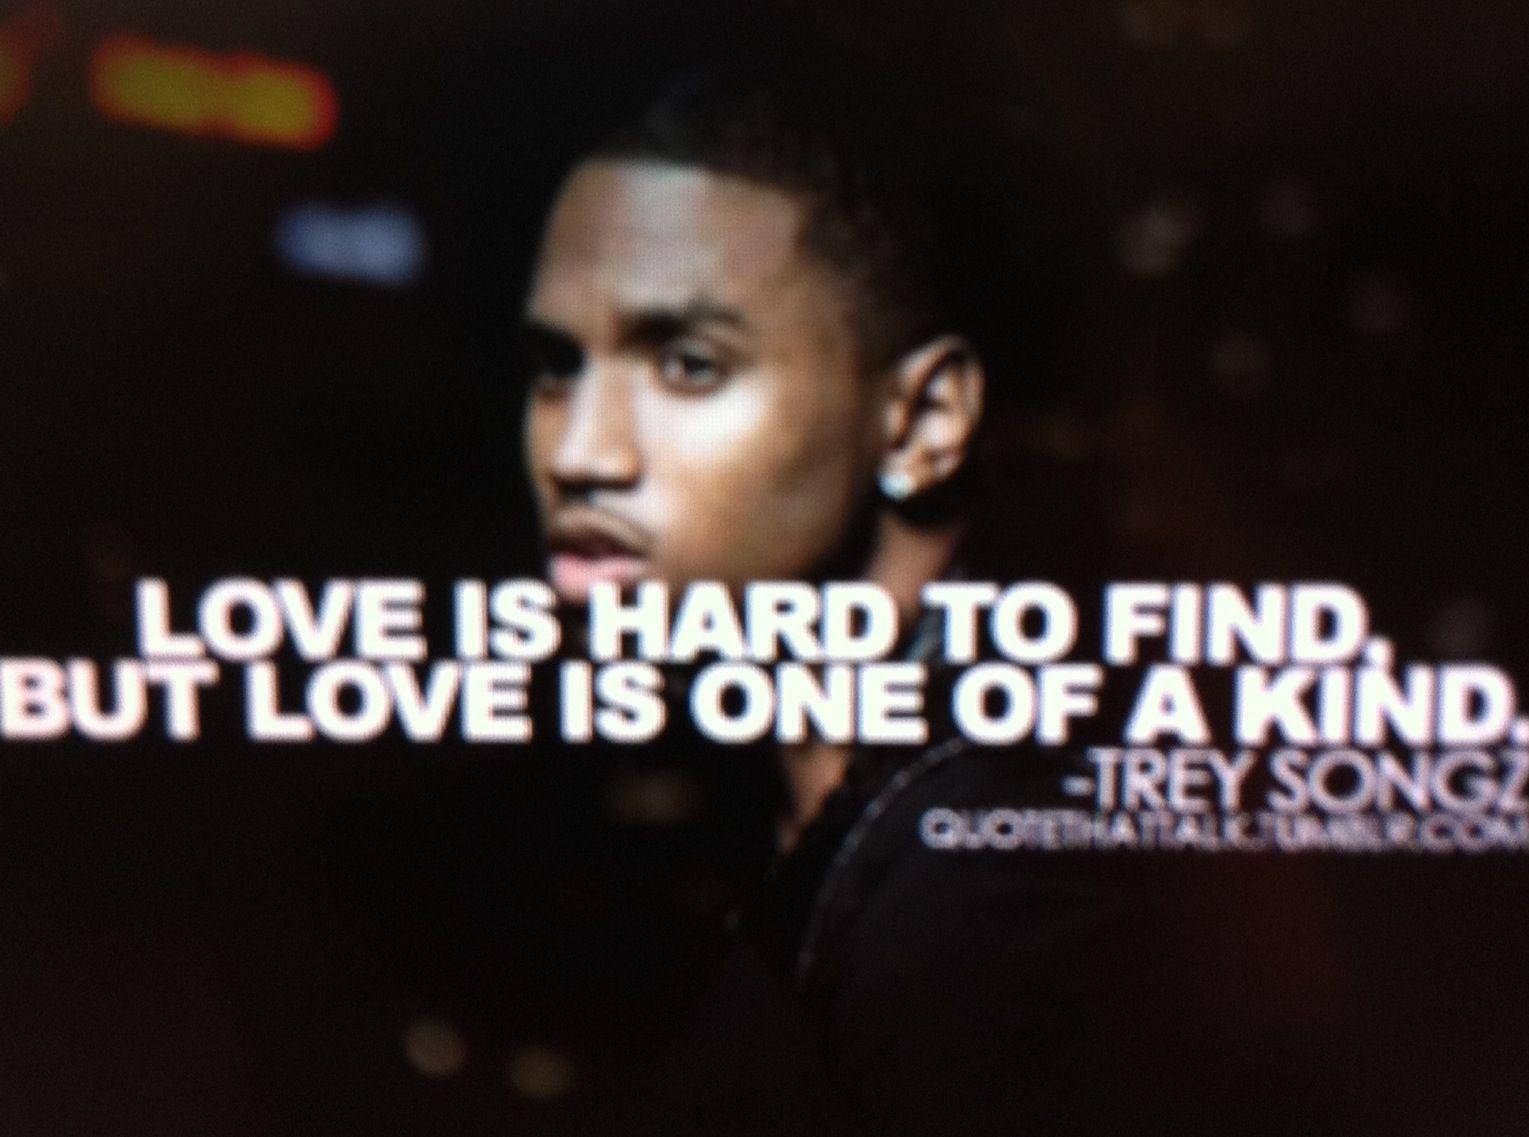 Trey Songz Love Quotes: Trey Songz Quotes. QuotesGram